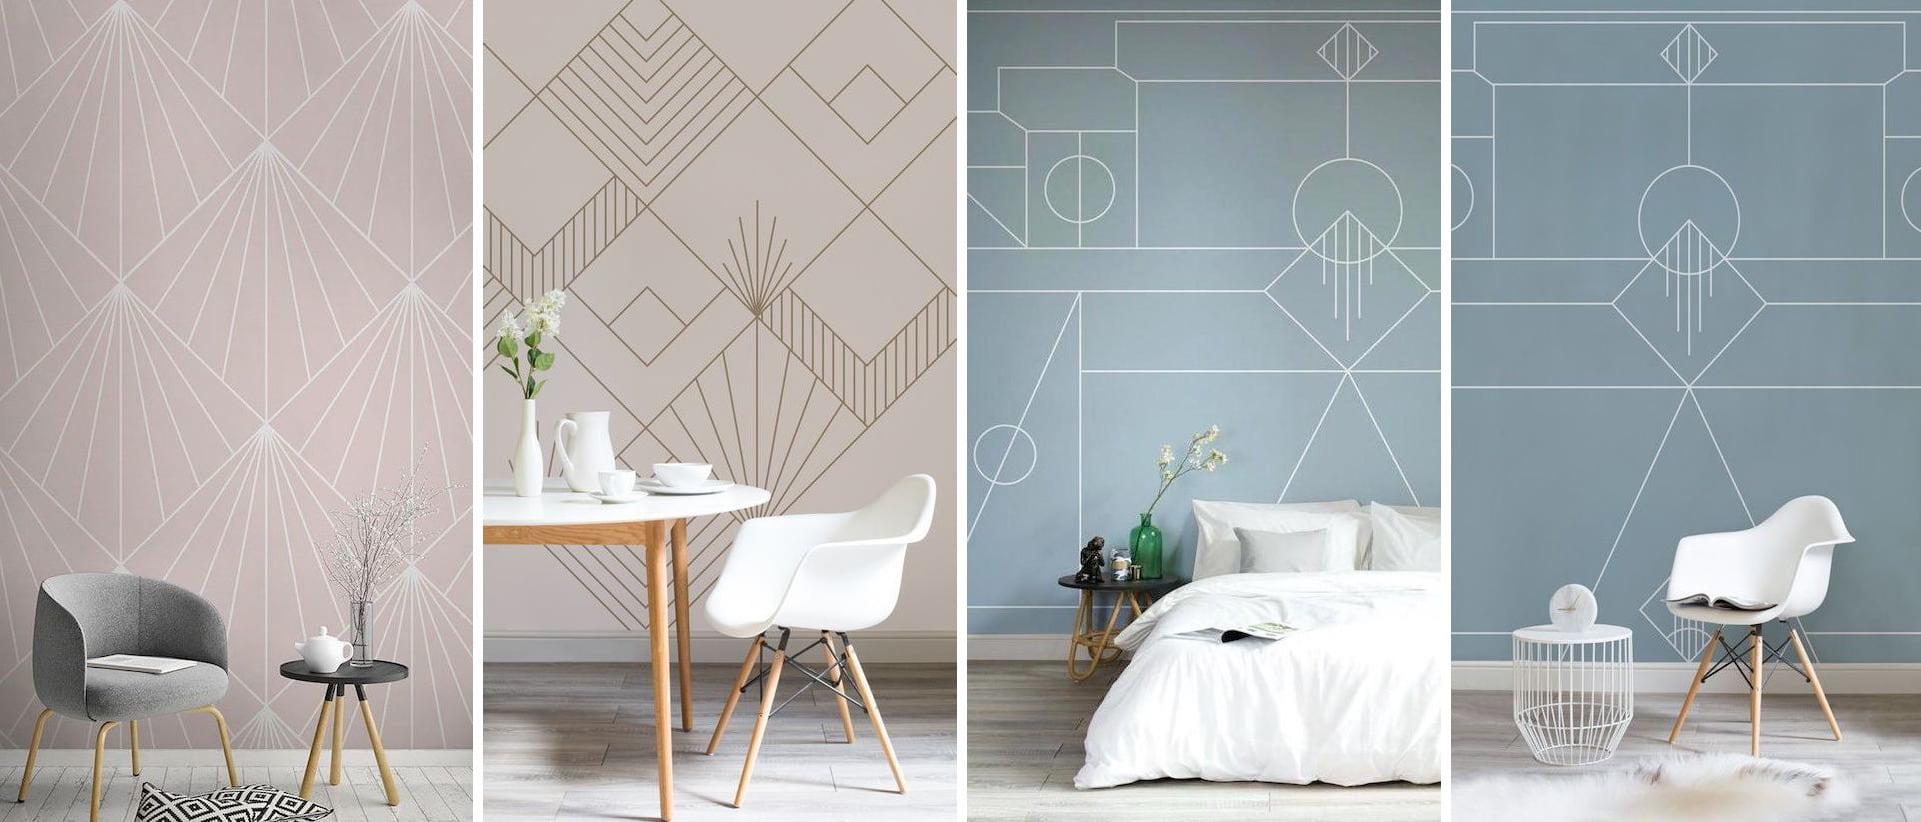 Удачное сочетание оттенок стен в комбинации с интерьером